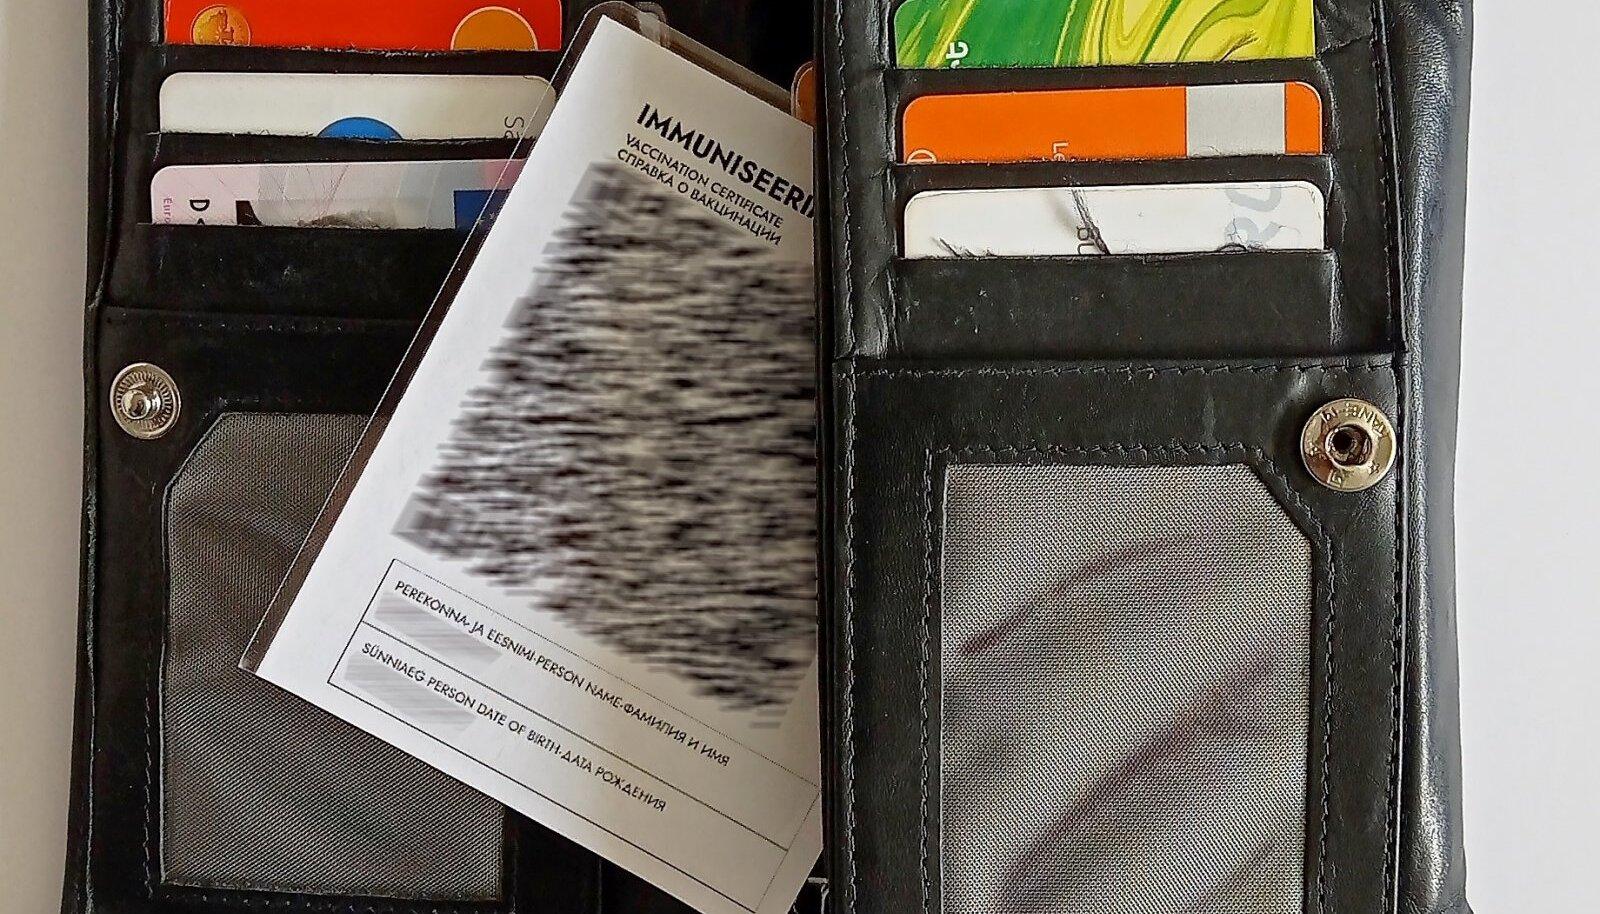 Kiletatud immuniseerimistõend mahub kenasti rahakoti vahele nagu muudki kaardid.